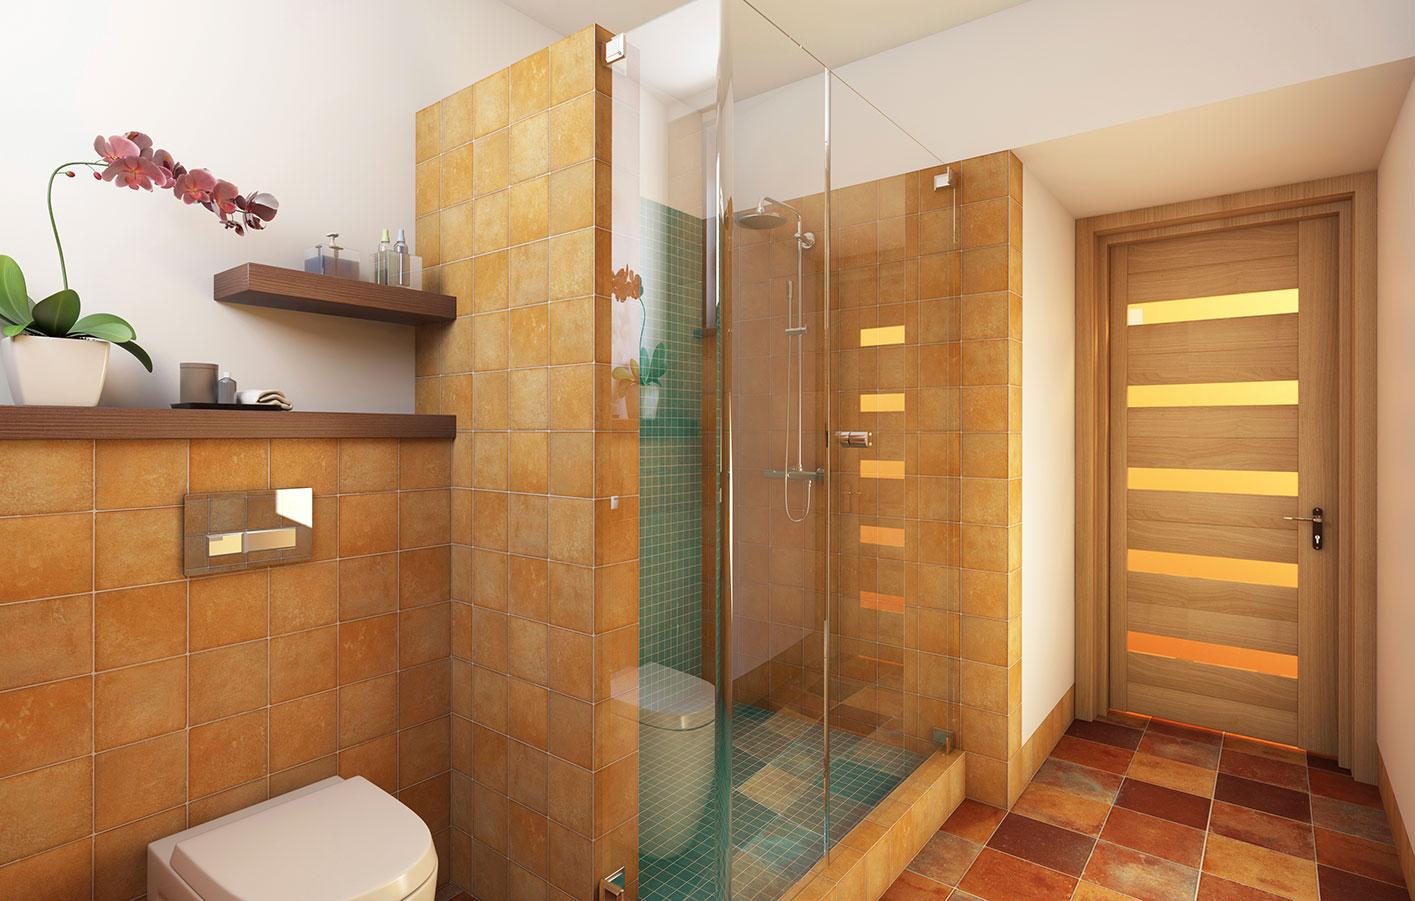 Zimmertüren holz hell  Holzkellner – Parkett, Laminat, Türen, Terrasse, Zaun für Plauen ...